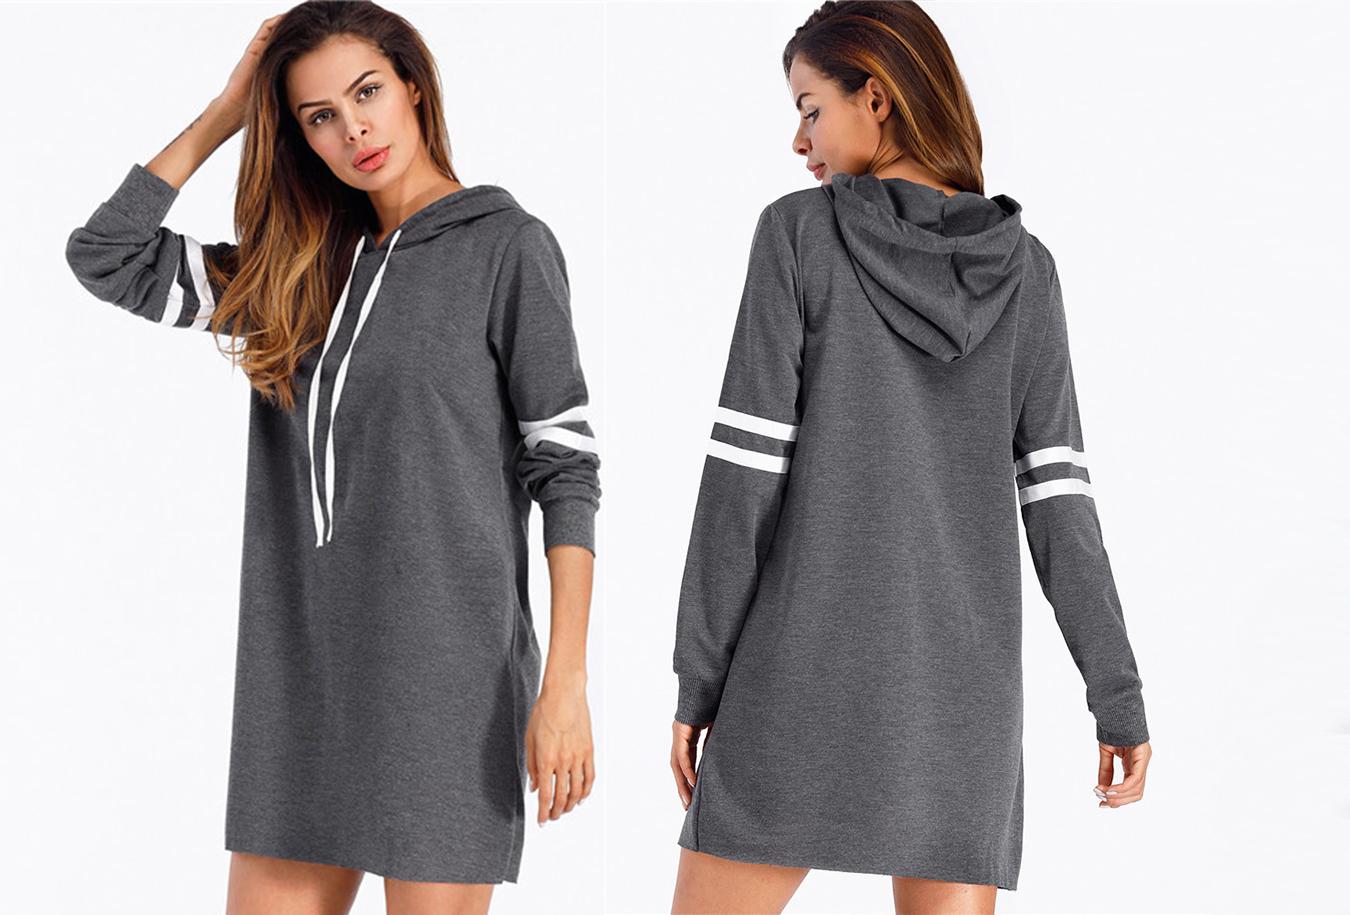 Baseball Sweater jurk Maat L - Donkergrijs